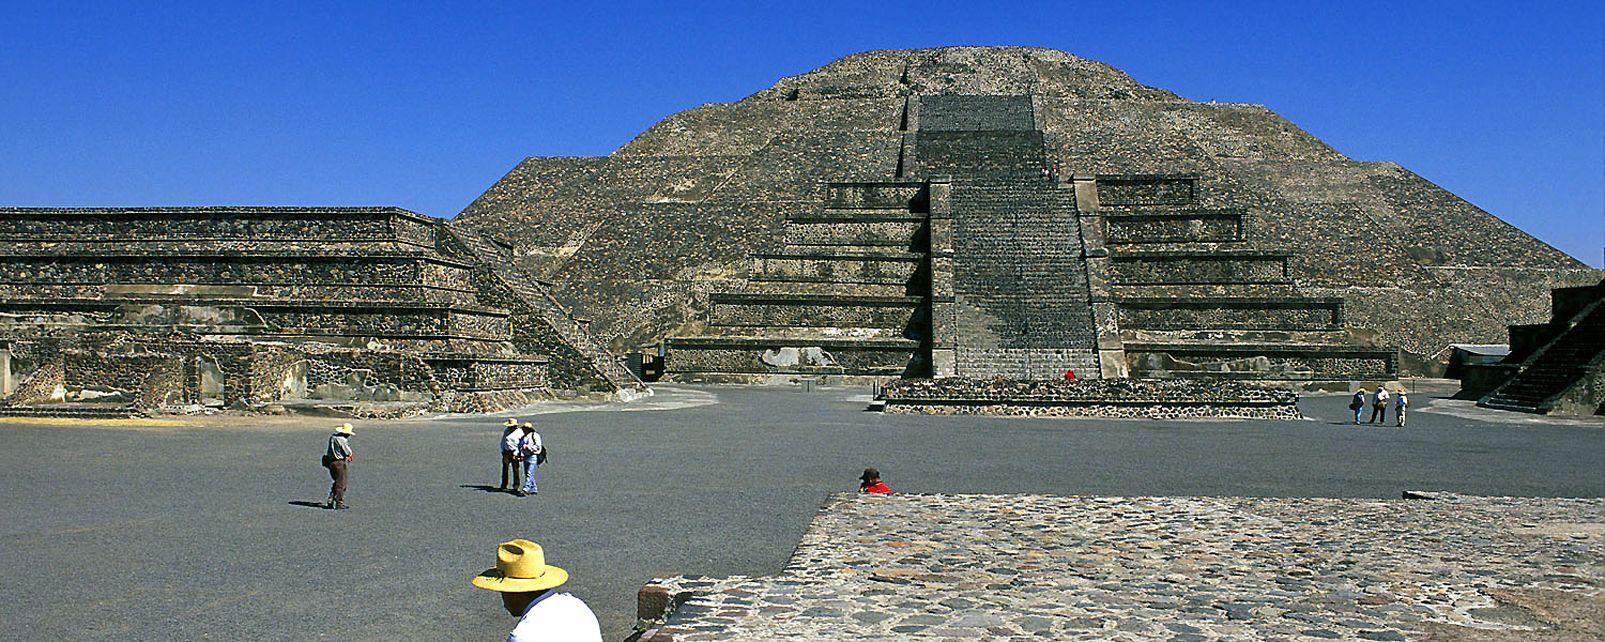 Les sites, Amérique, Mexique, archéologie, pyramide, TEOTIHUACAN, lune, degrés